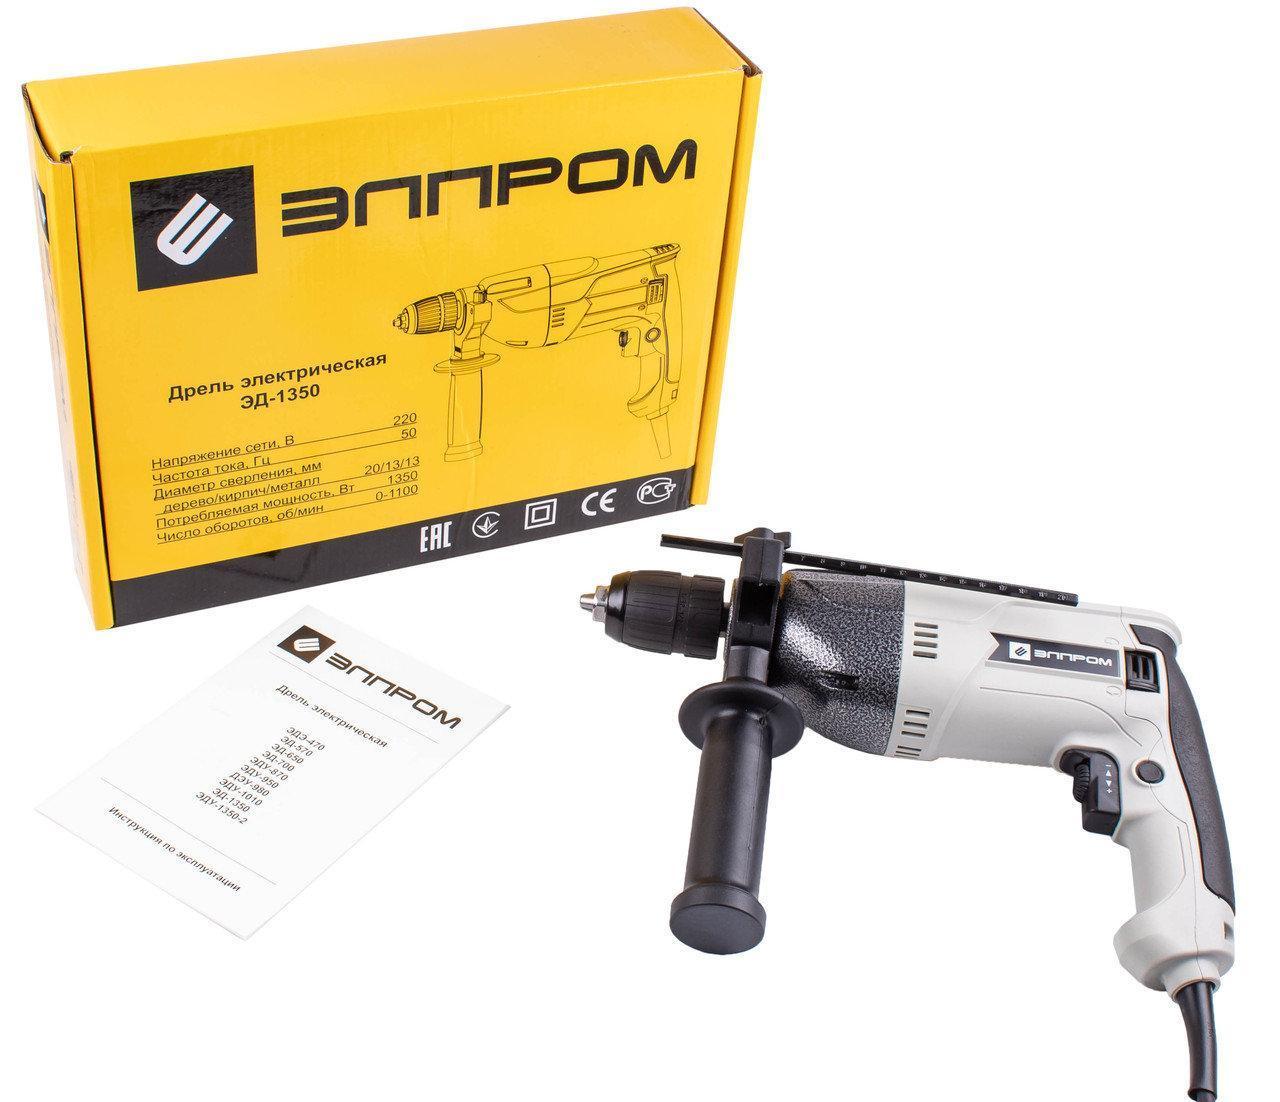 Дрель Элпром ЭДУ-1350 (металл.редуктор, быстрозажимной.патрон, регулятор оборотов, прорезиненая ручка)